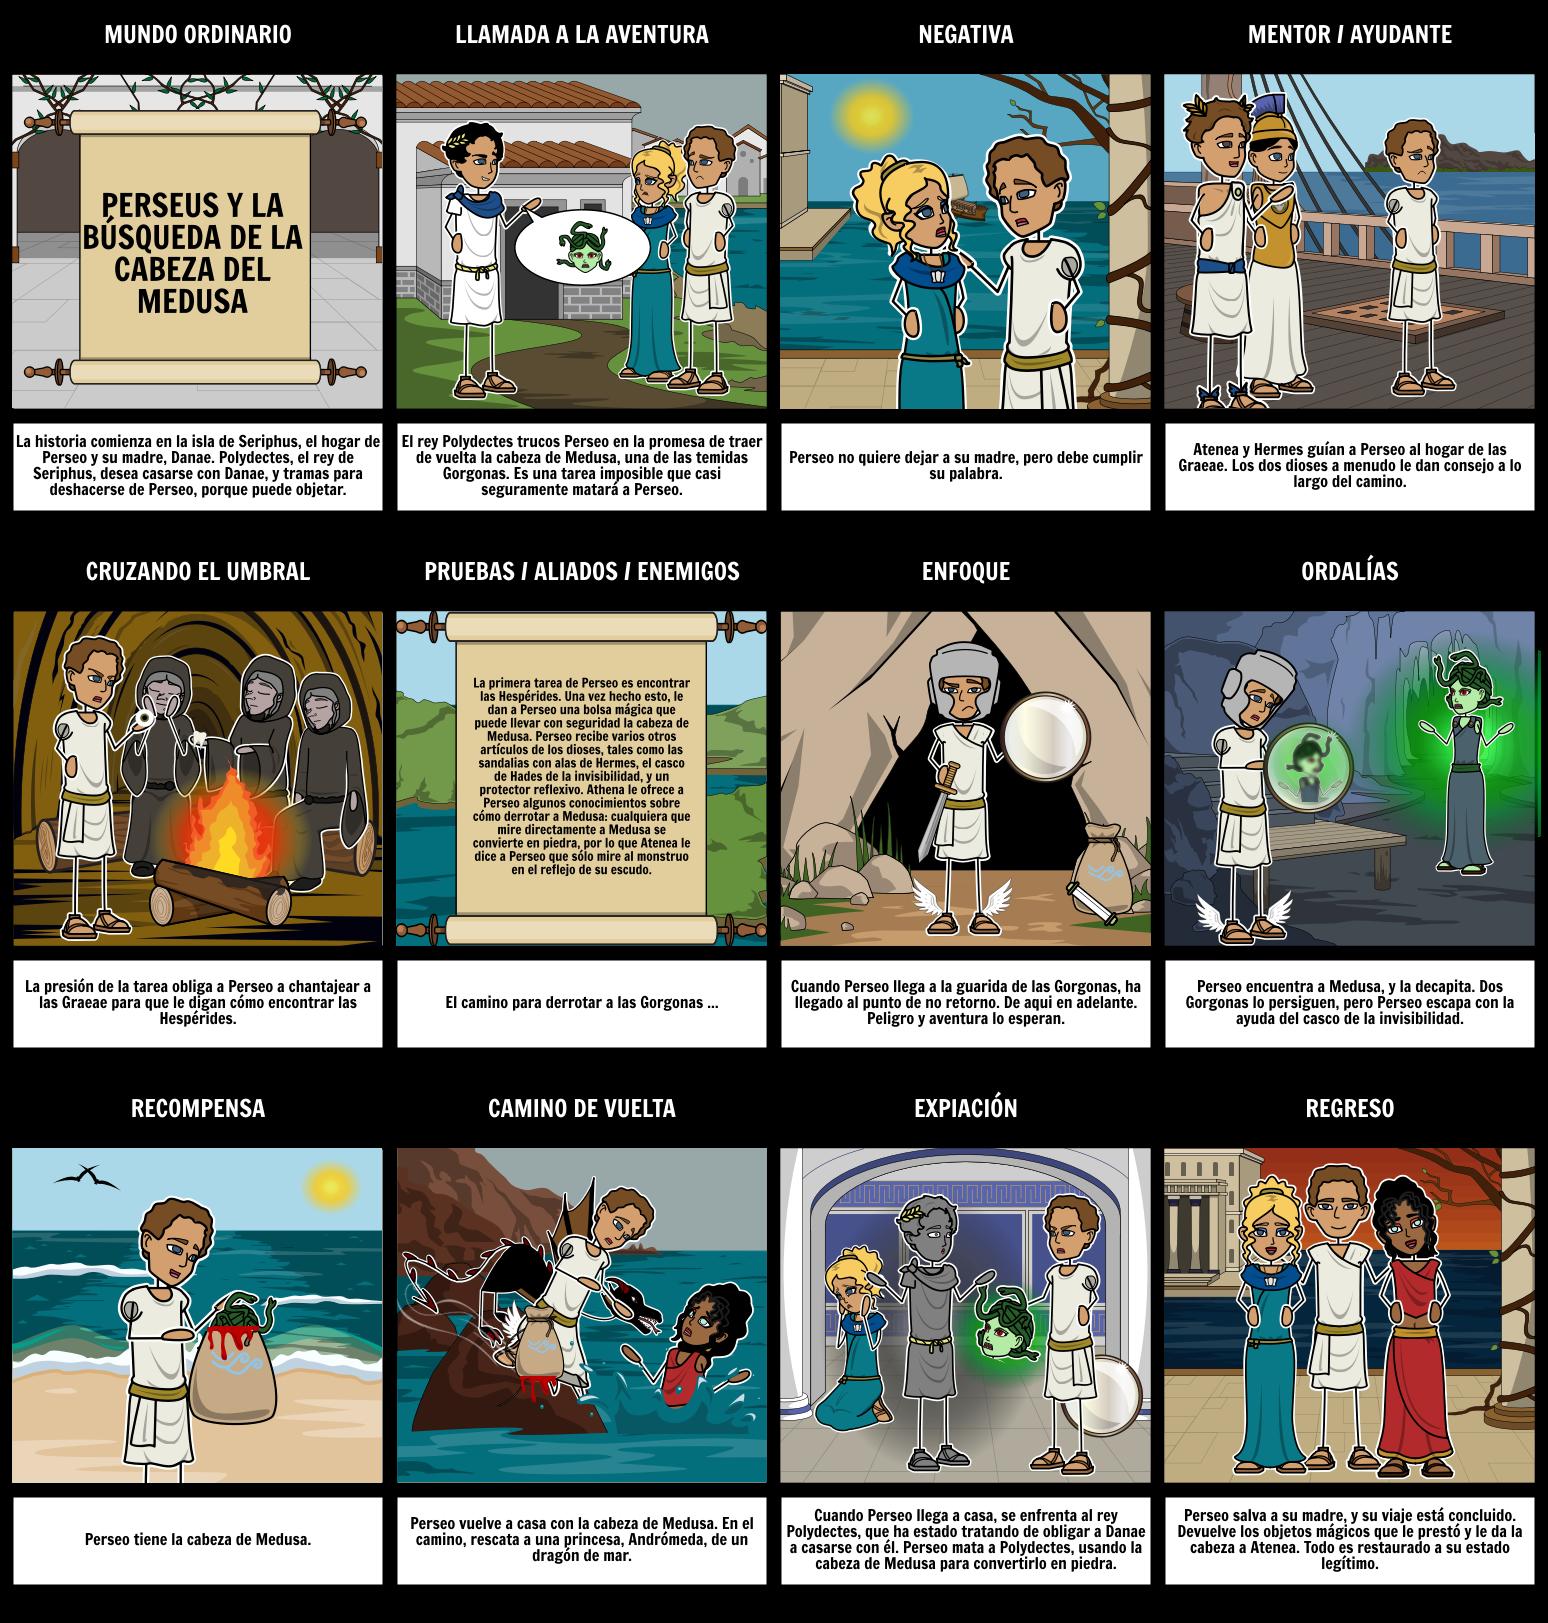 Mitología Griega - El Viaje del Héroe de Perseo